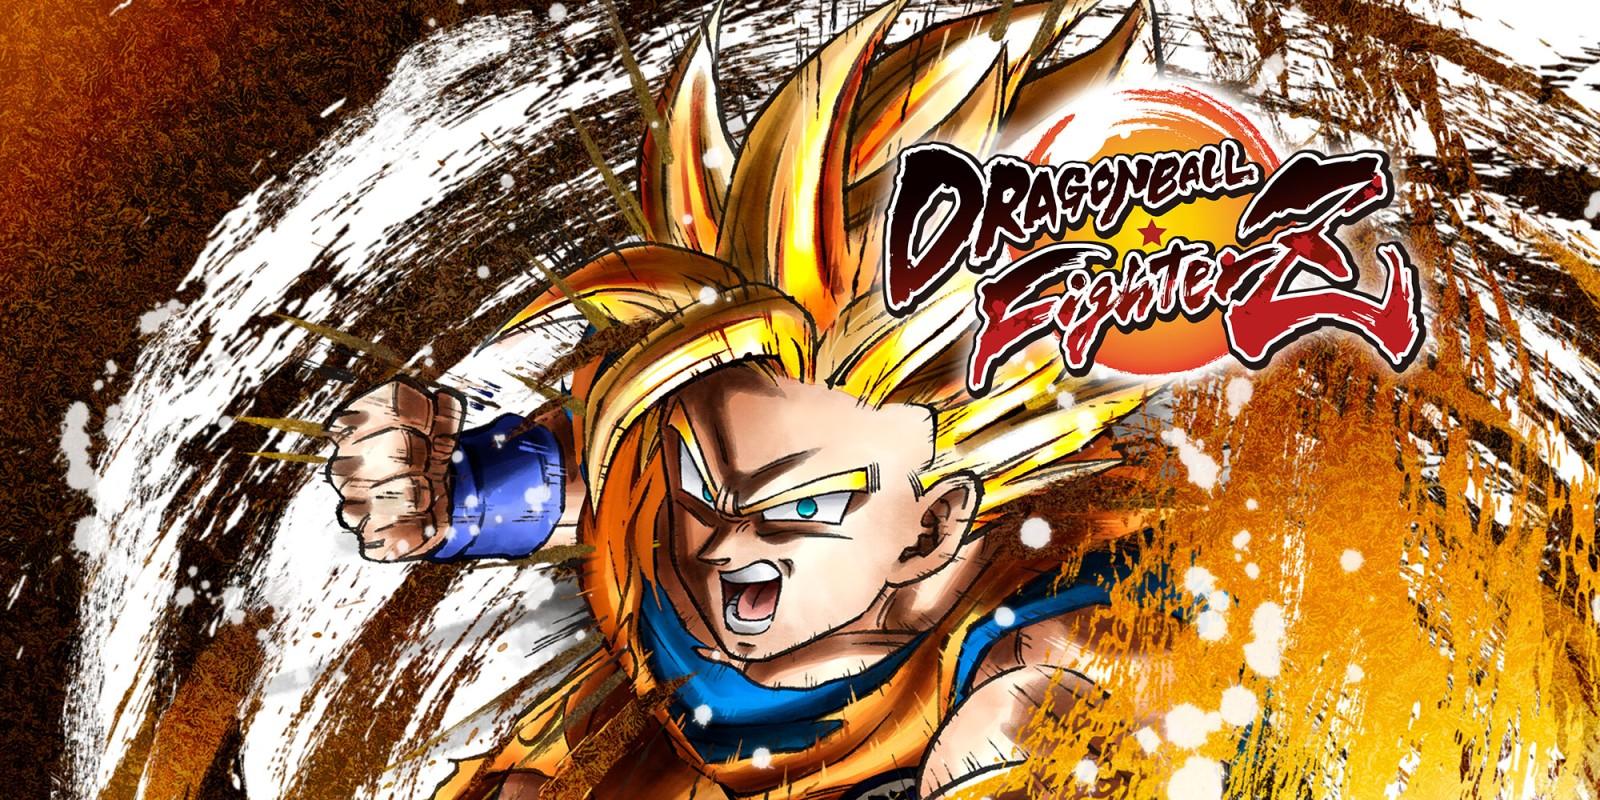 Dragon Ball Xenoverse 2 e Dragon Ball FighterZ já venderam mais de 5 e 4 milhões de cópias respectivamente; Jogos estão em promoção na eShop